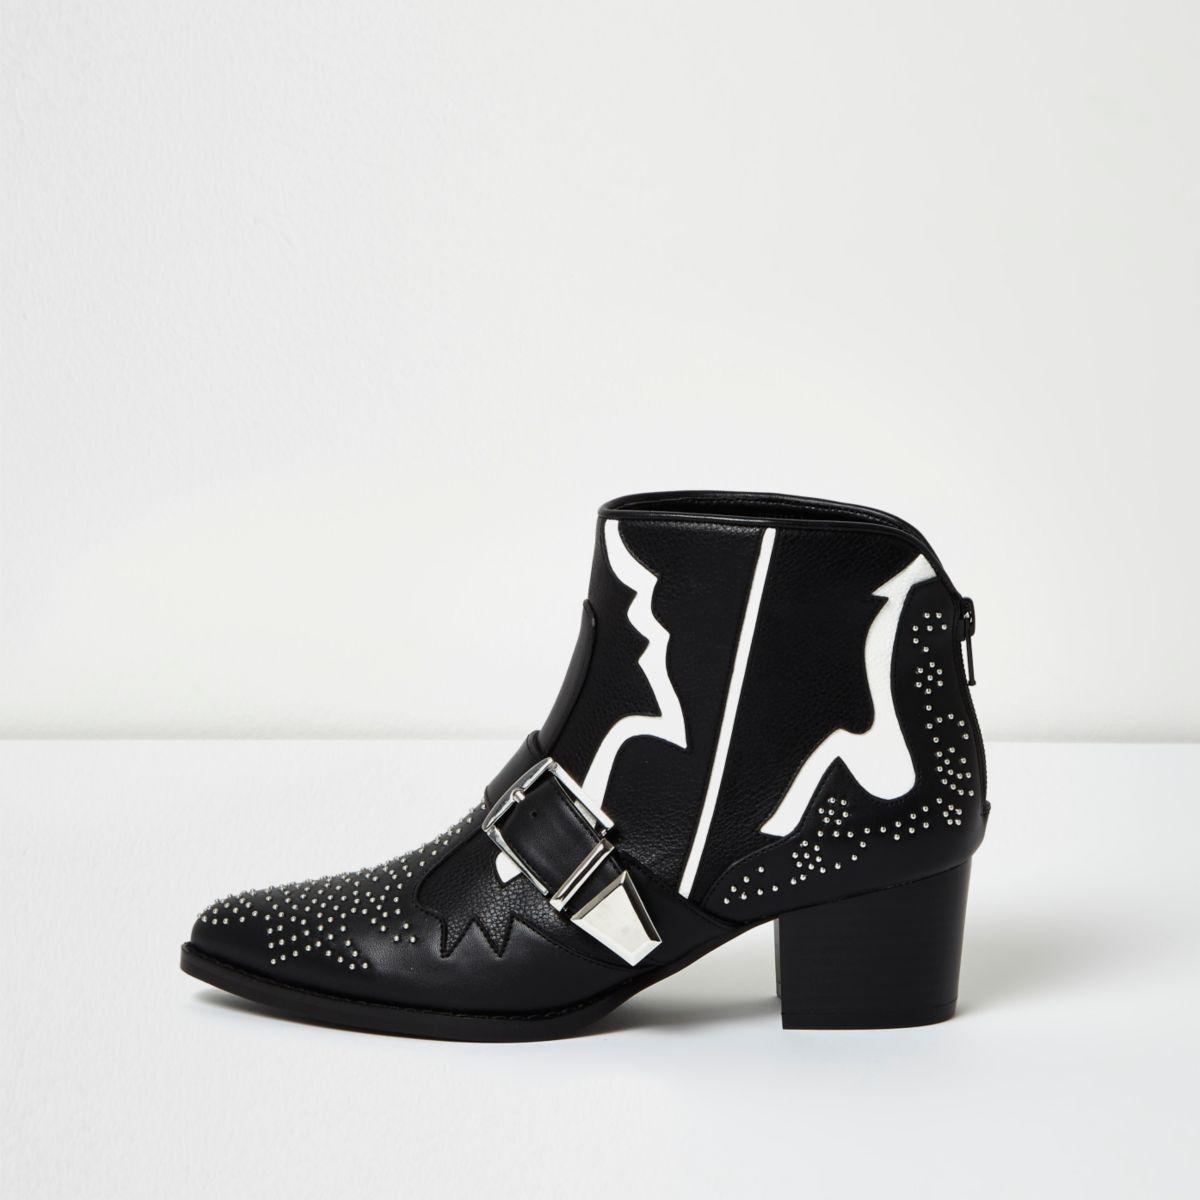 Bottes noires cloutées style western avec bande blanche